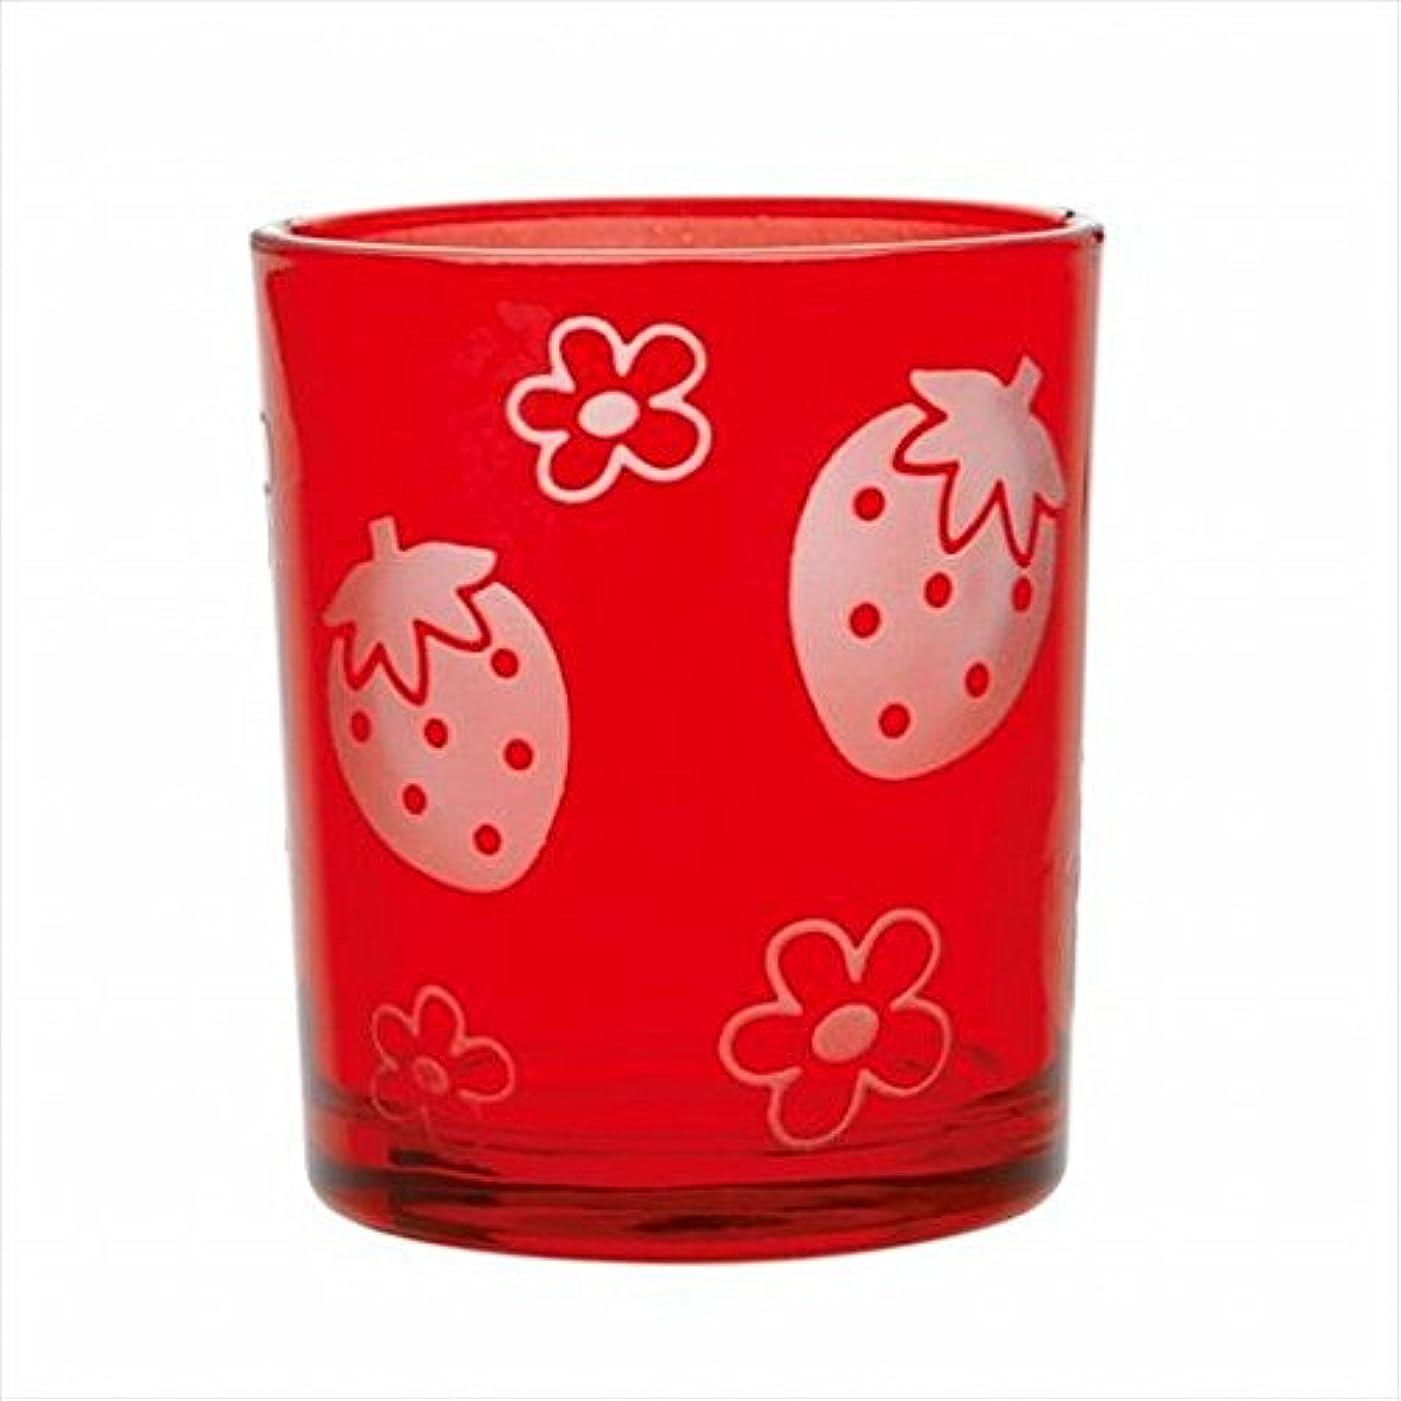 ホステス賞賛するなんとなくsweets candle(スイーツキャンドル) いちごフロストカップ 「 レッド 」 キャンドル 55x55x65mm (J1490040R)